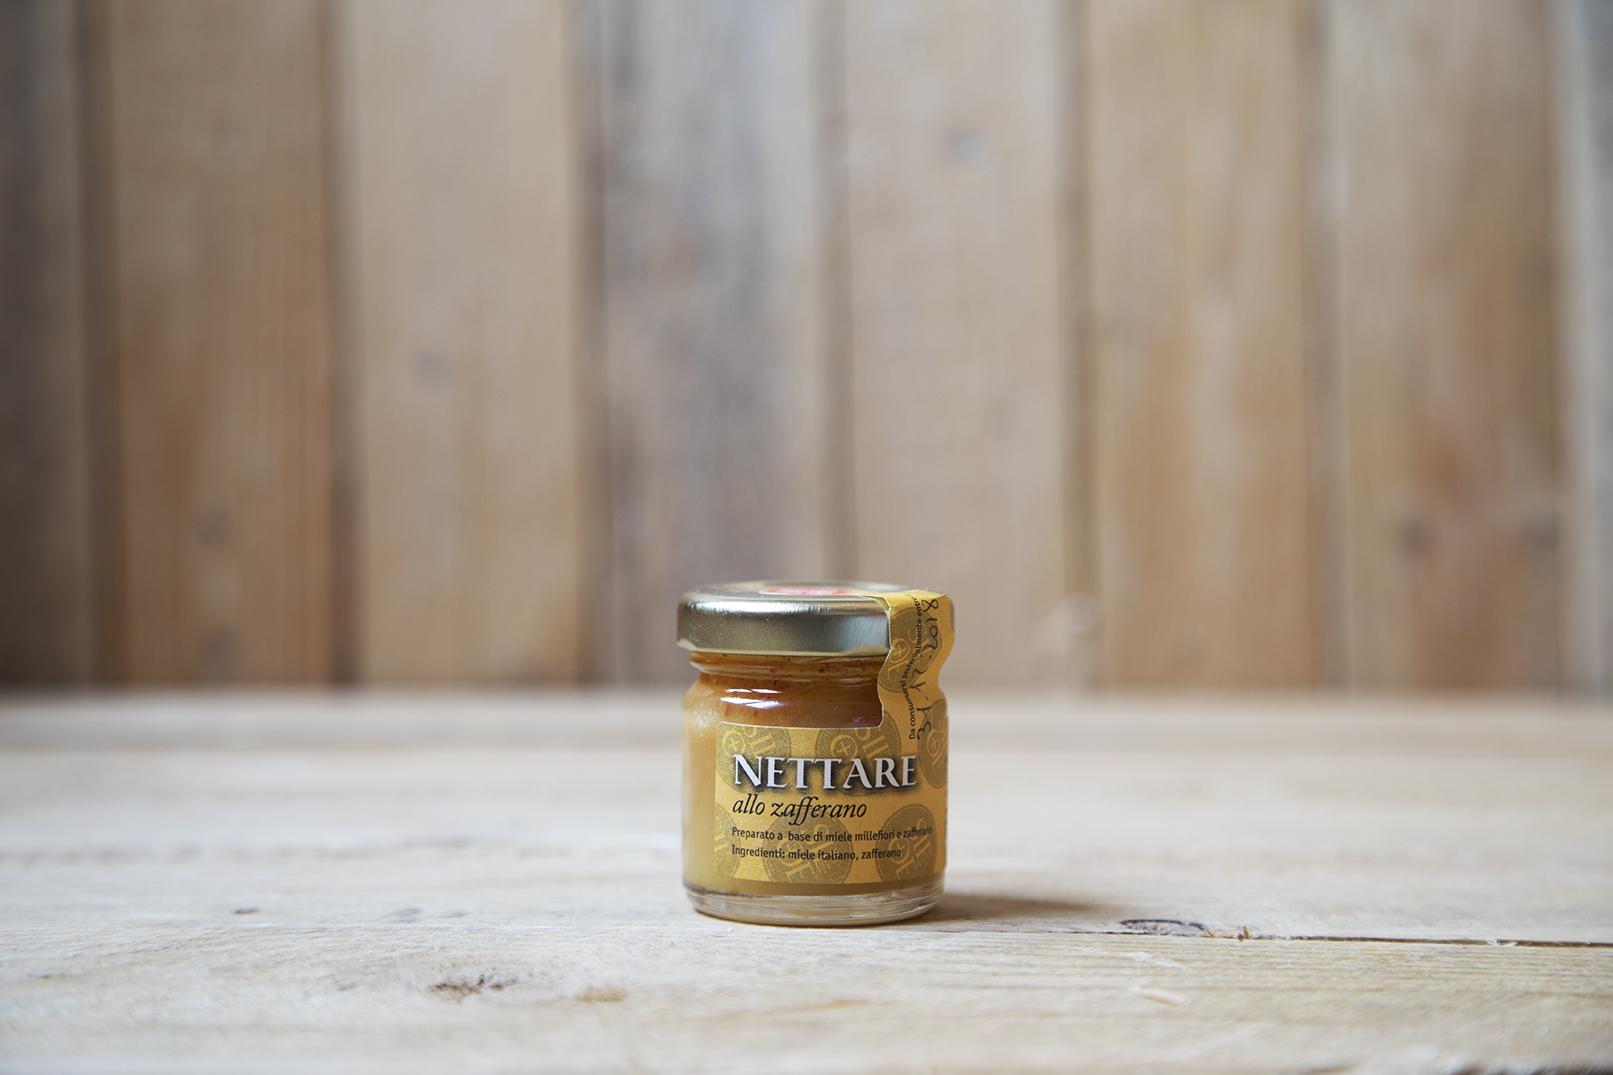 Nettare (miele) allo zafferano